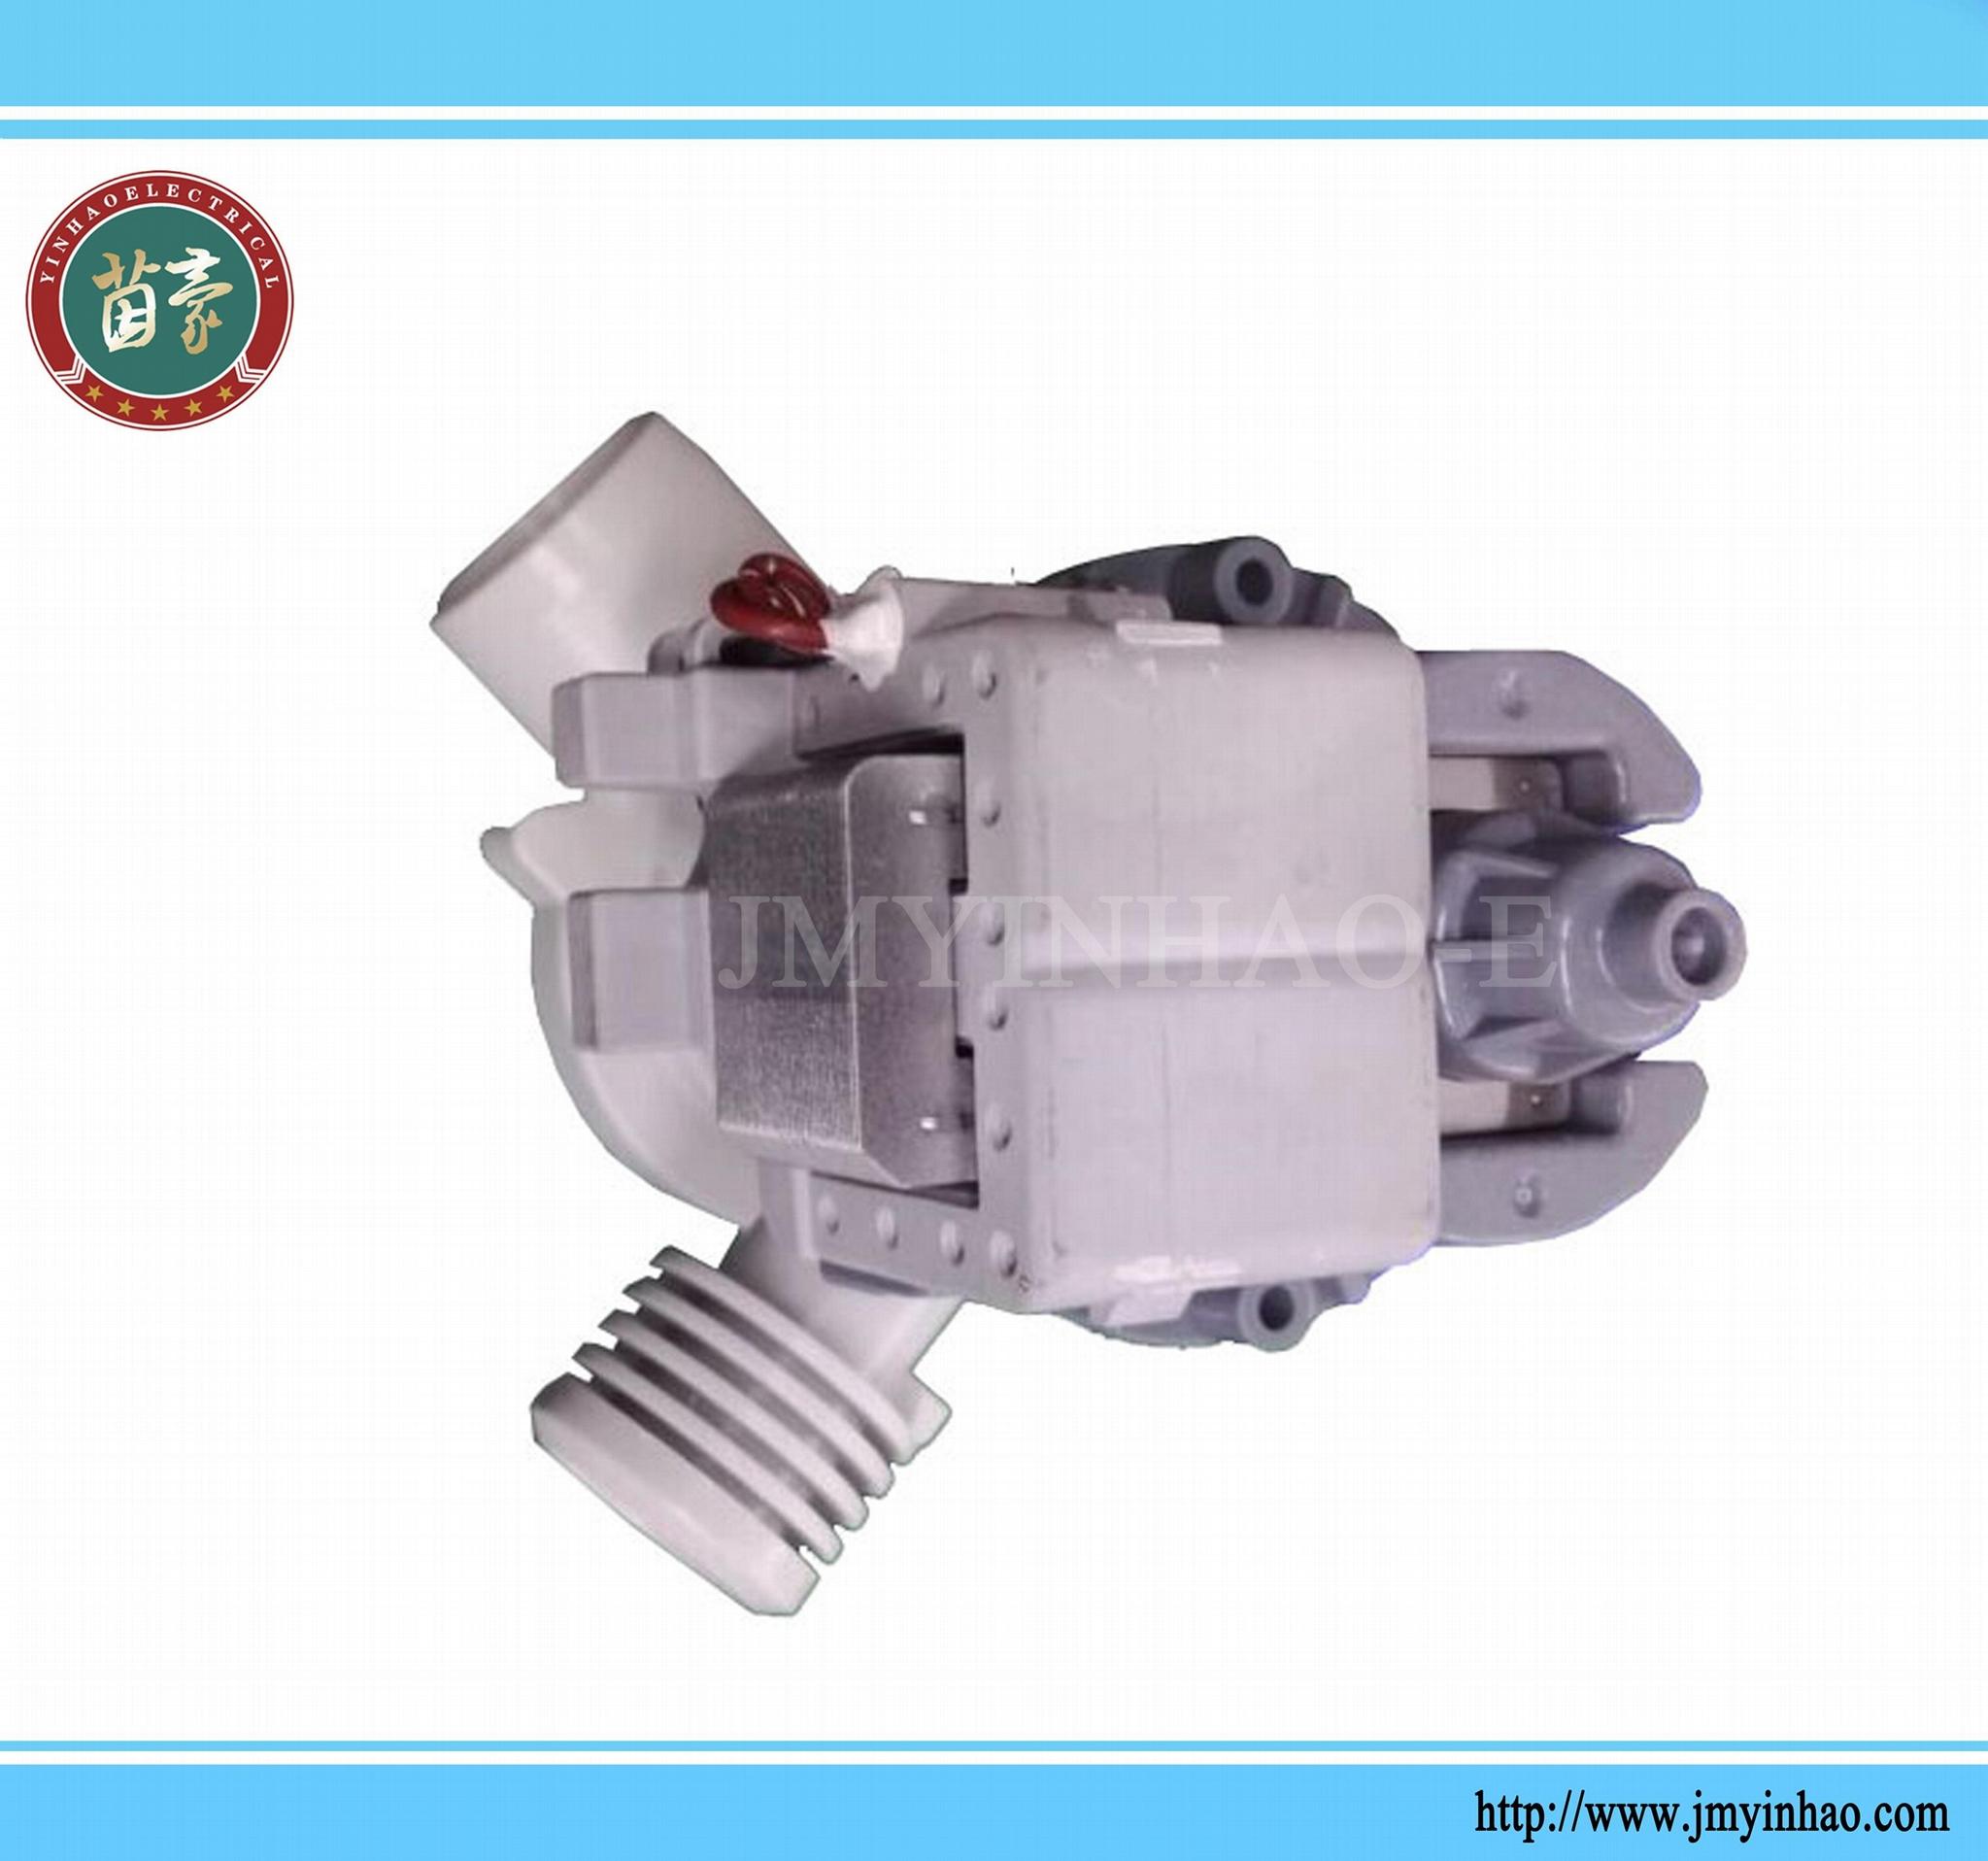 洗衣机排水泵/排水电机/排水洗衣泵 3